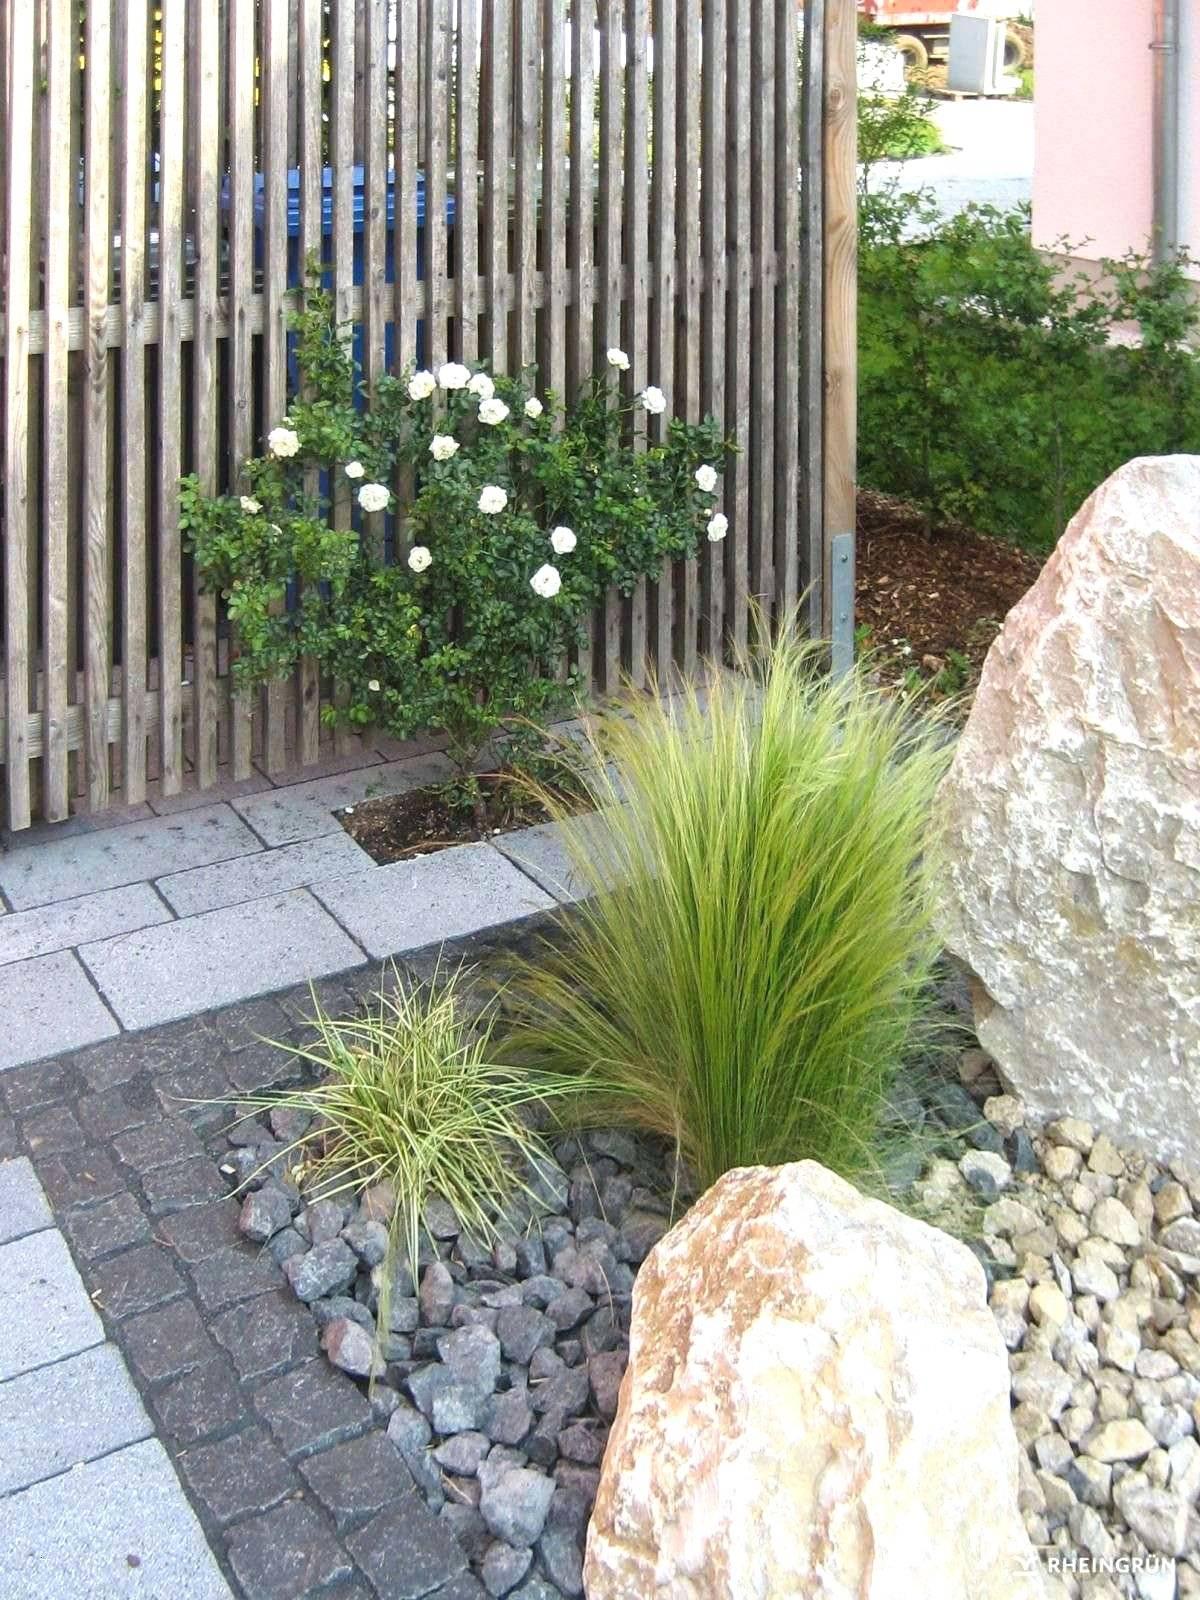 wohnzimmer ideen mit pflanzen unique pflanzen garten schon fingerhut pflanze 0d inspiration von pflanzen of wohnzimmer ideen mit pflanzen